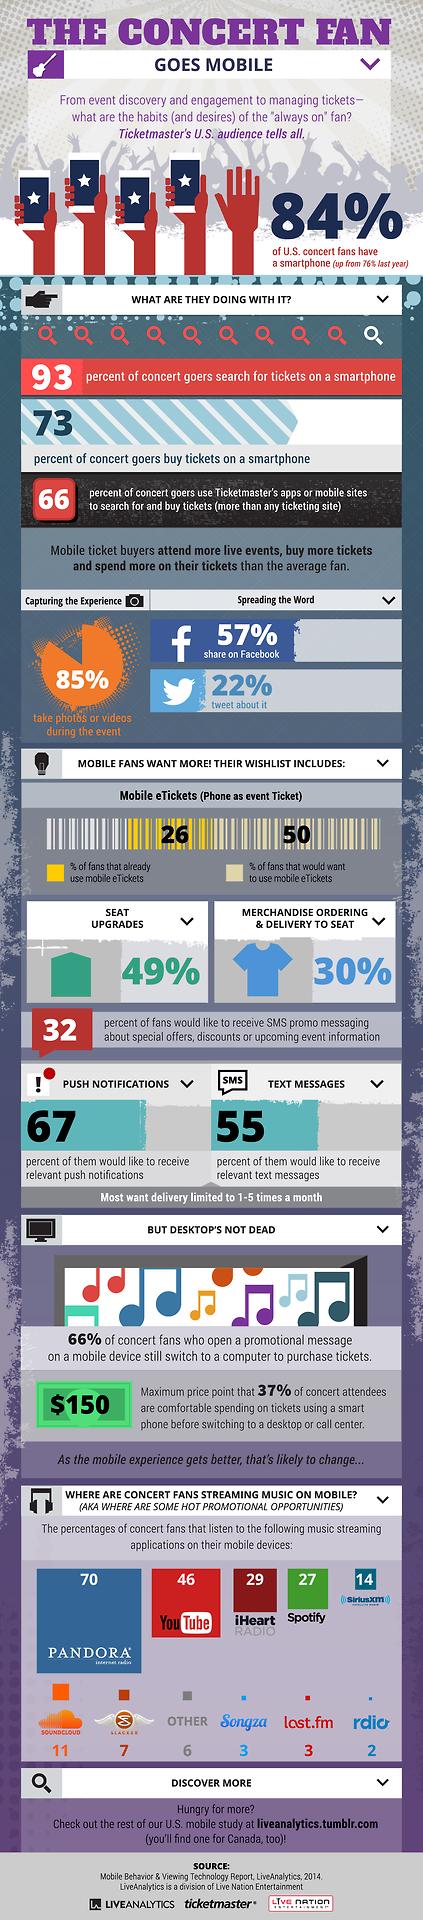 Infografía 2da parte: Los fans de conciertos, cada vez son más móviles